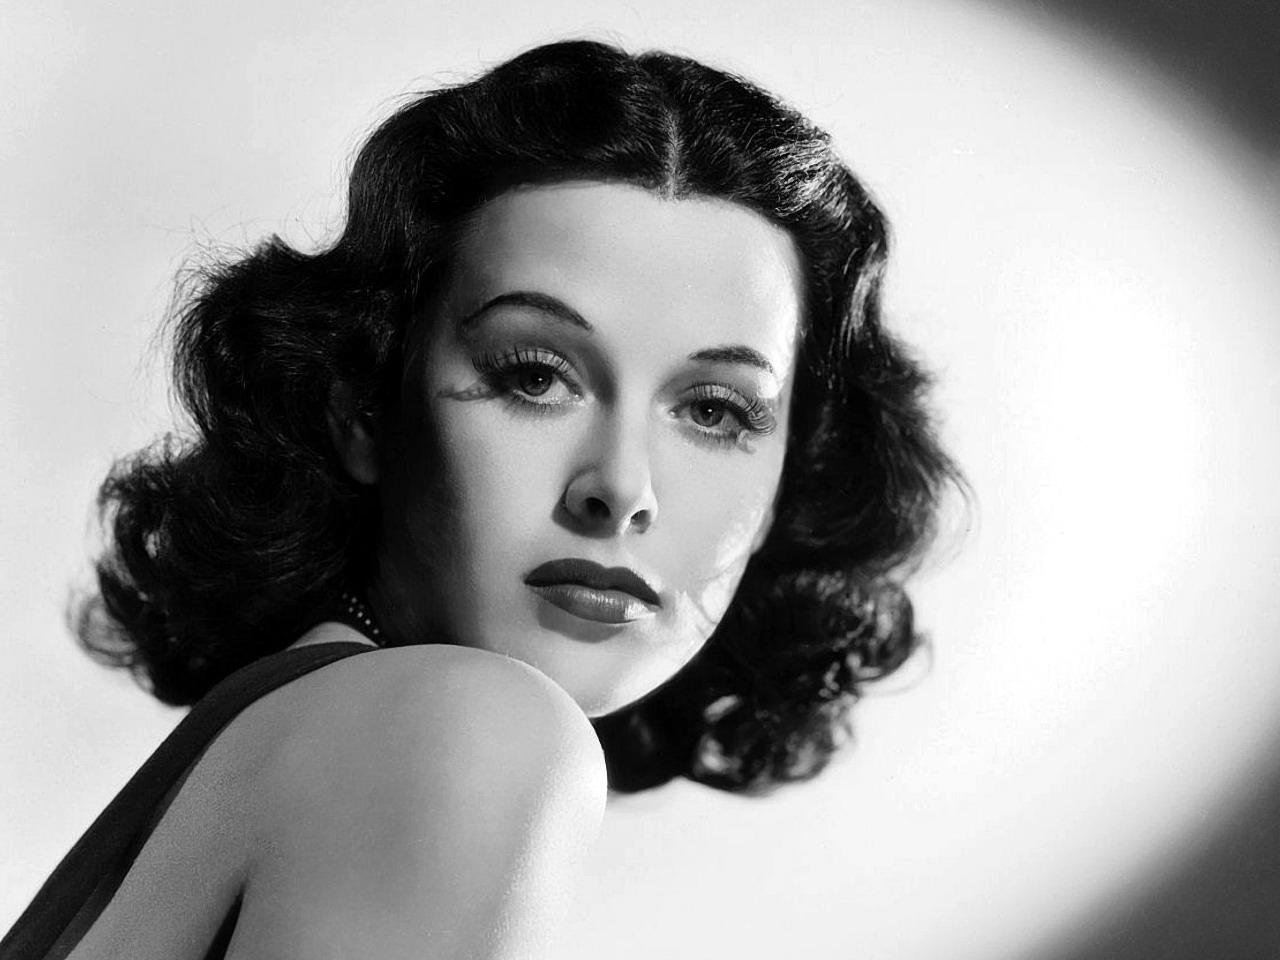 Il Genio dietro la Bellezza: Hedy Lamarr